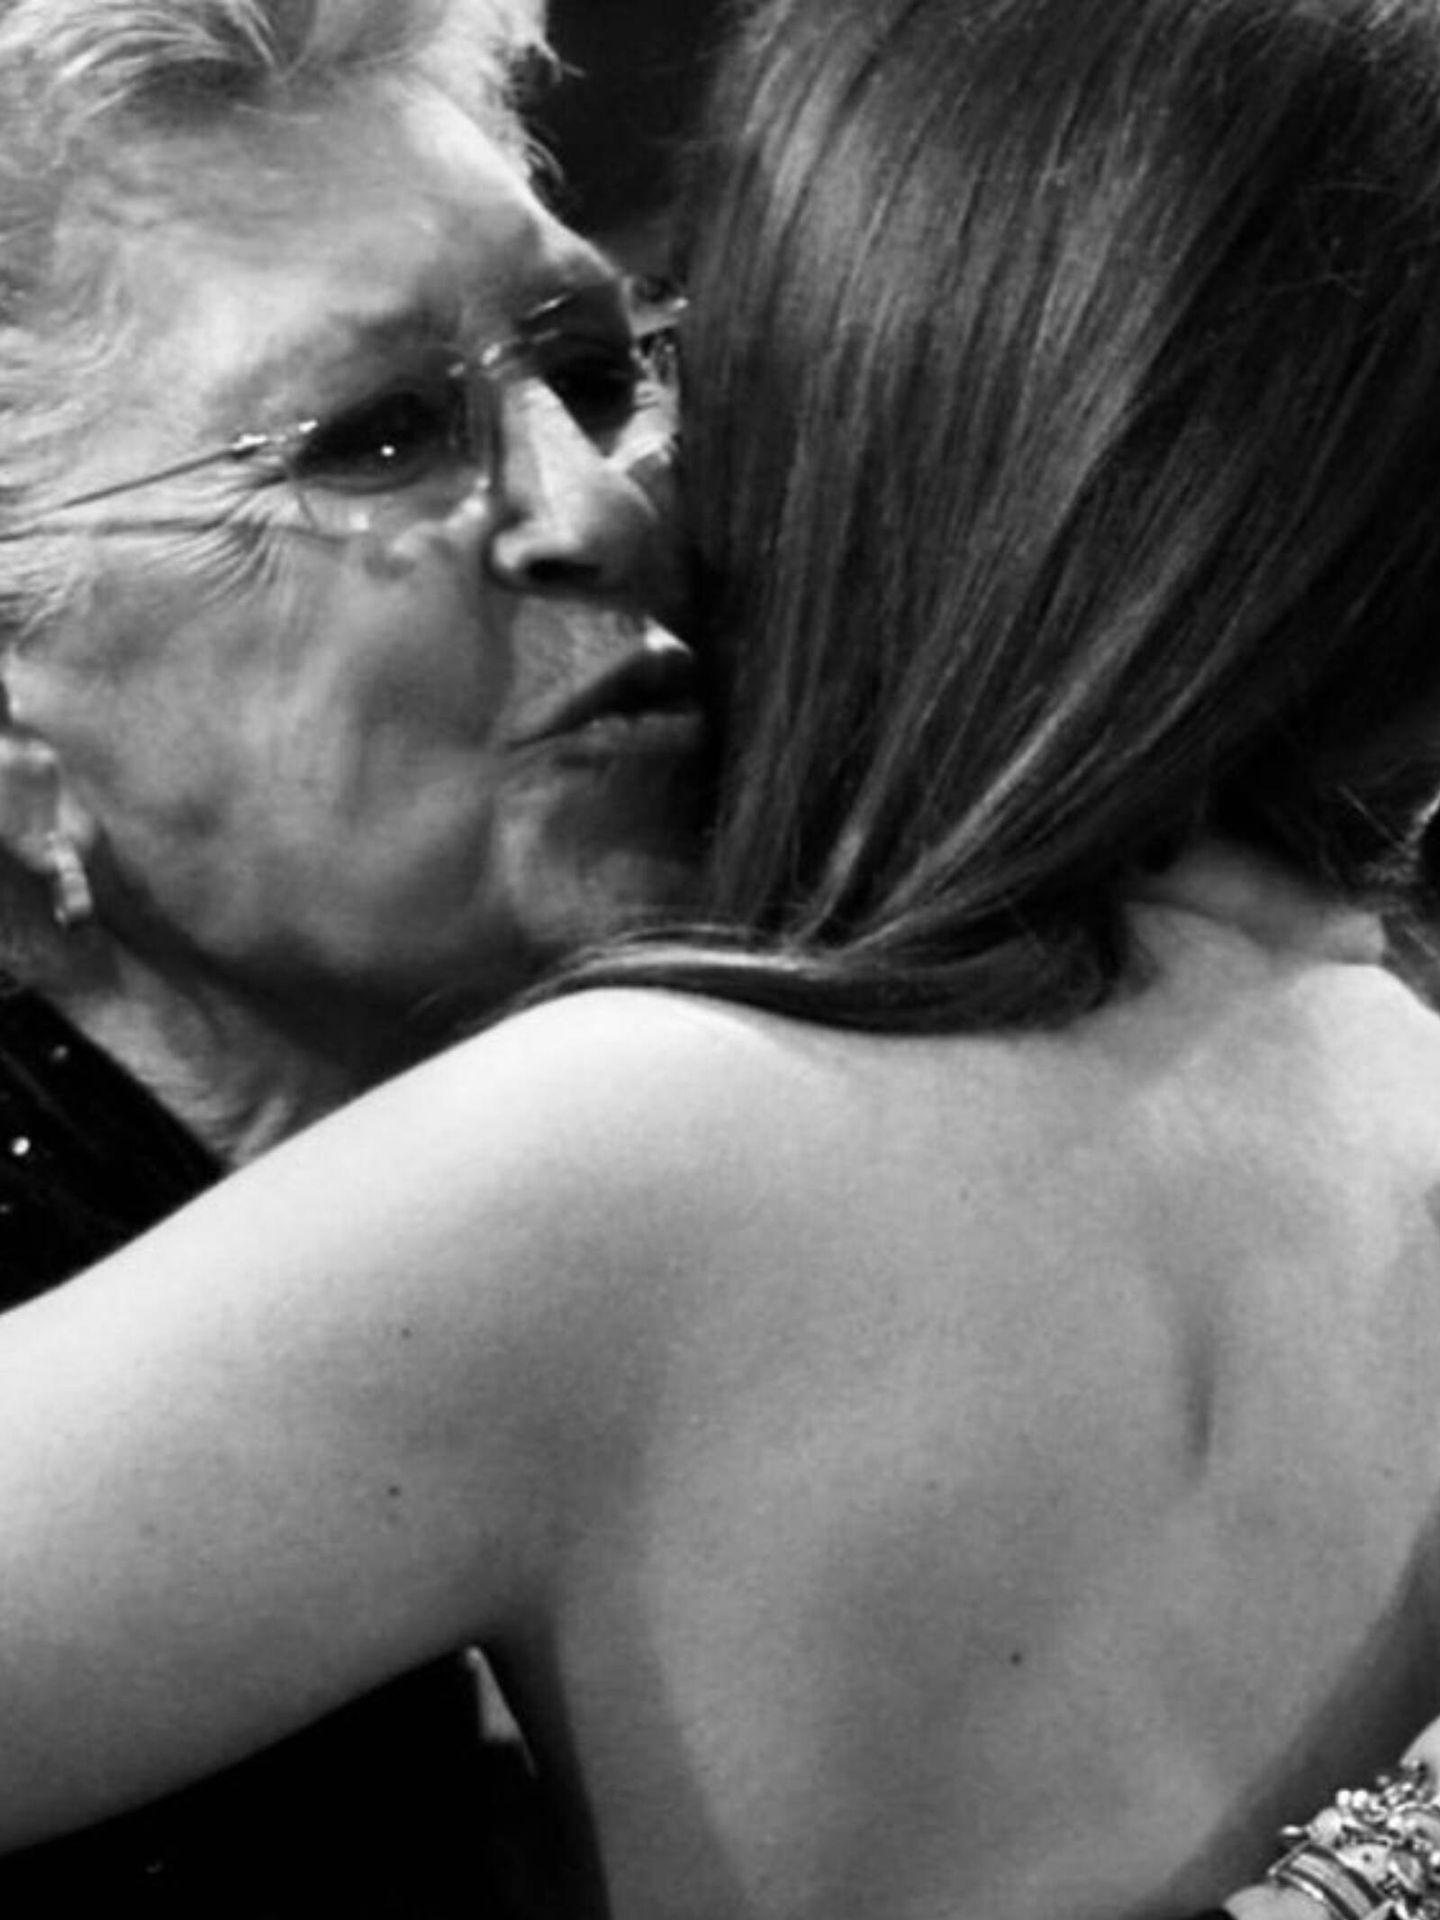 Penélope Cruz y Pilar Bardem, fundiéndose en un abrazo. (Instagram @penelopecruzoficial)